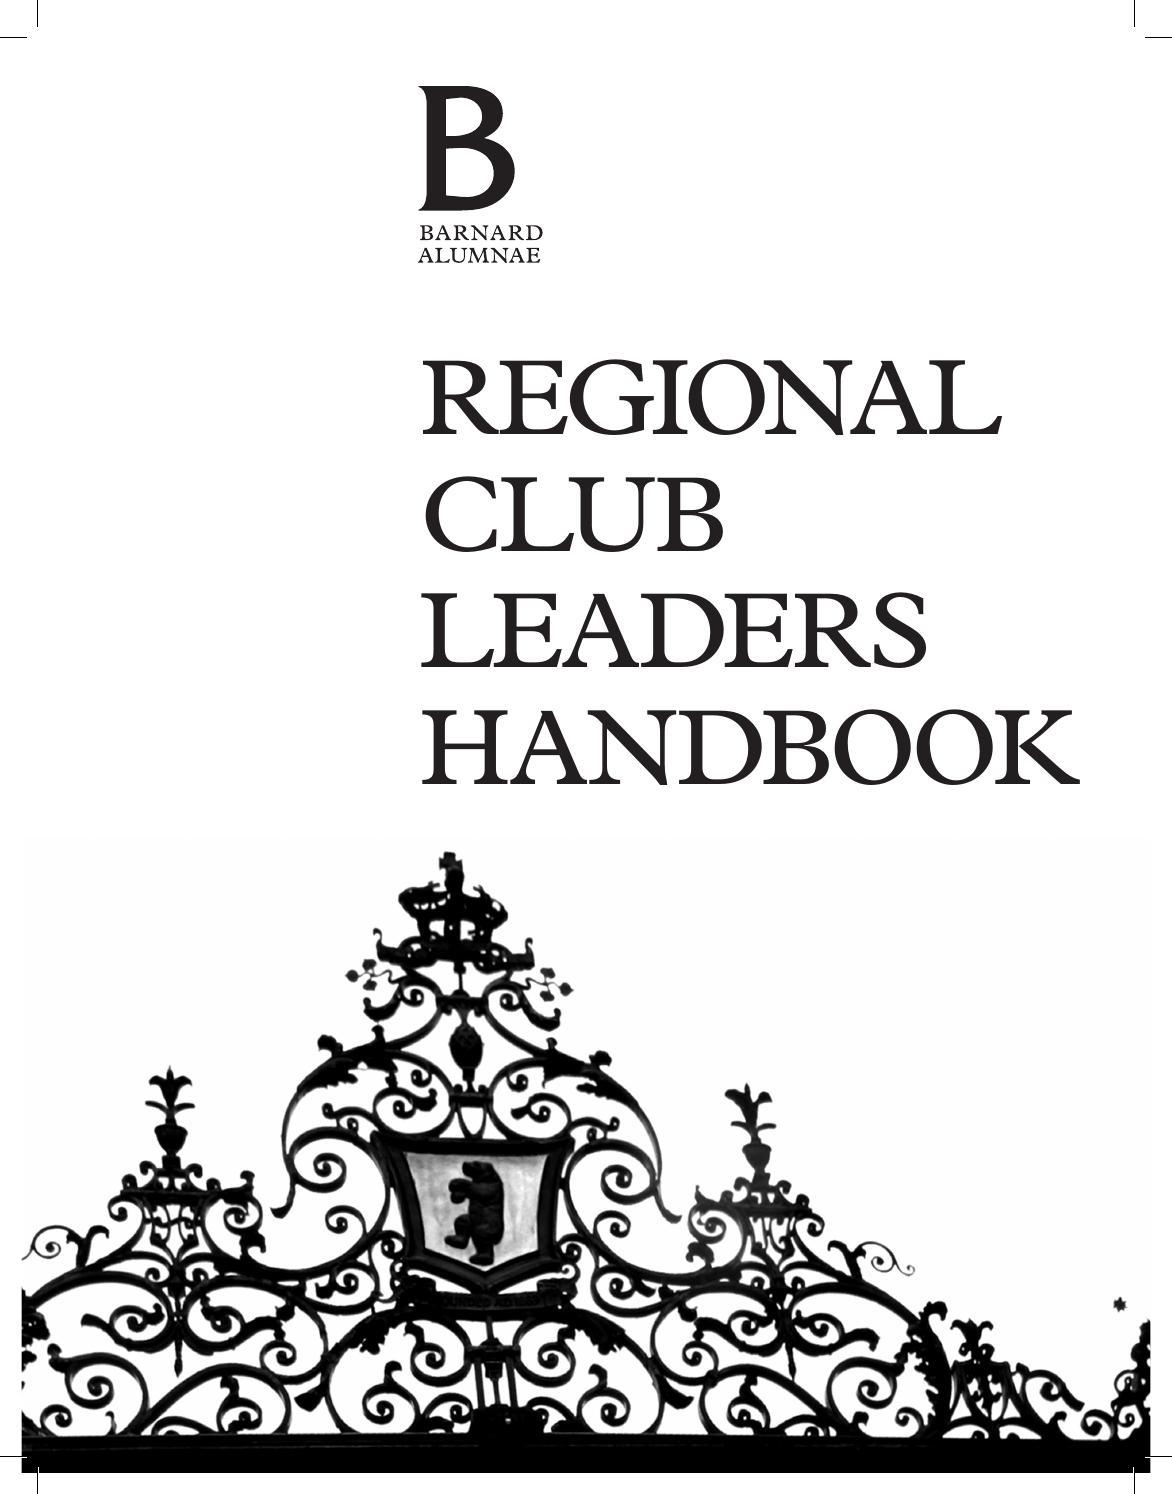 Barnard College Regional Club Leaders Handbook 2015 by